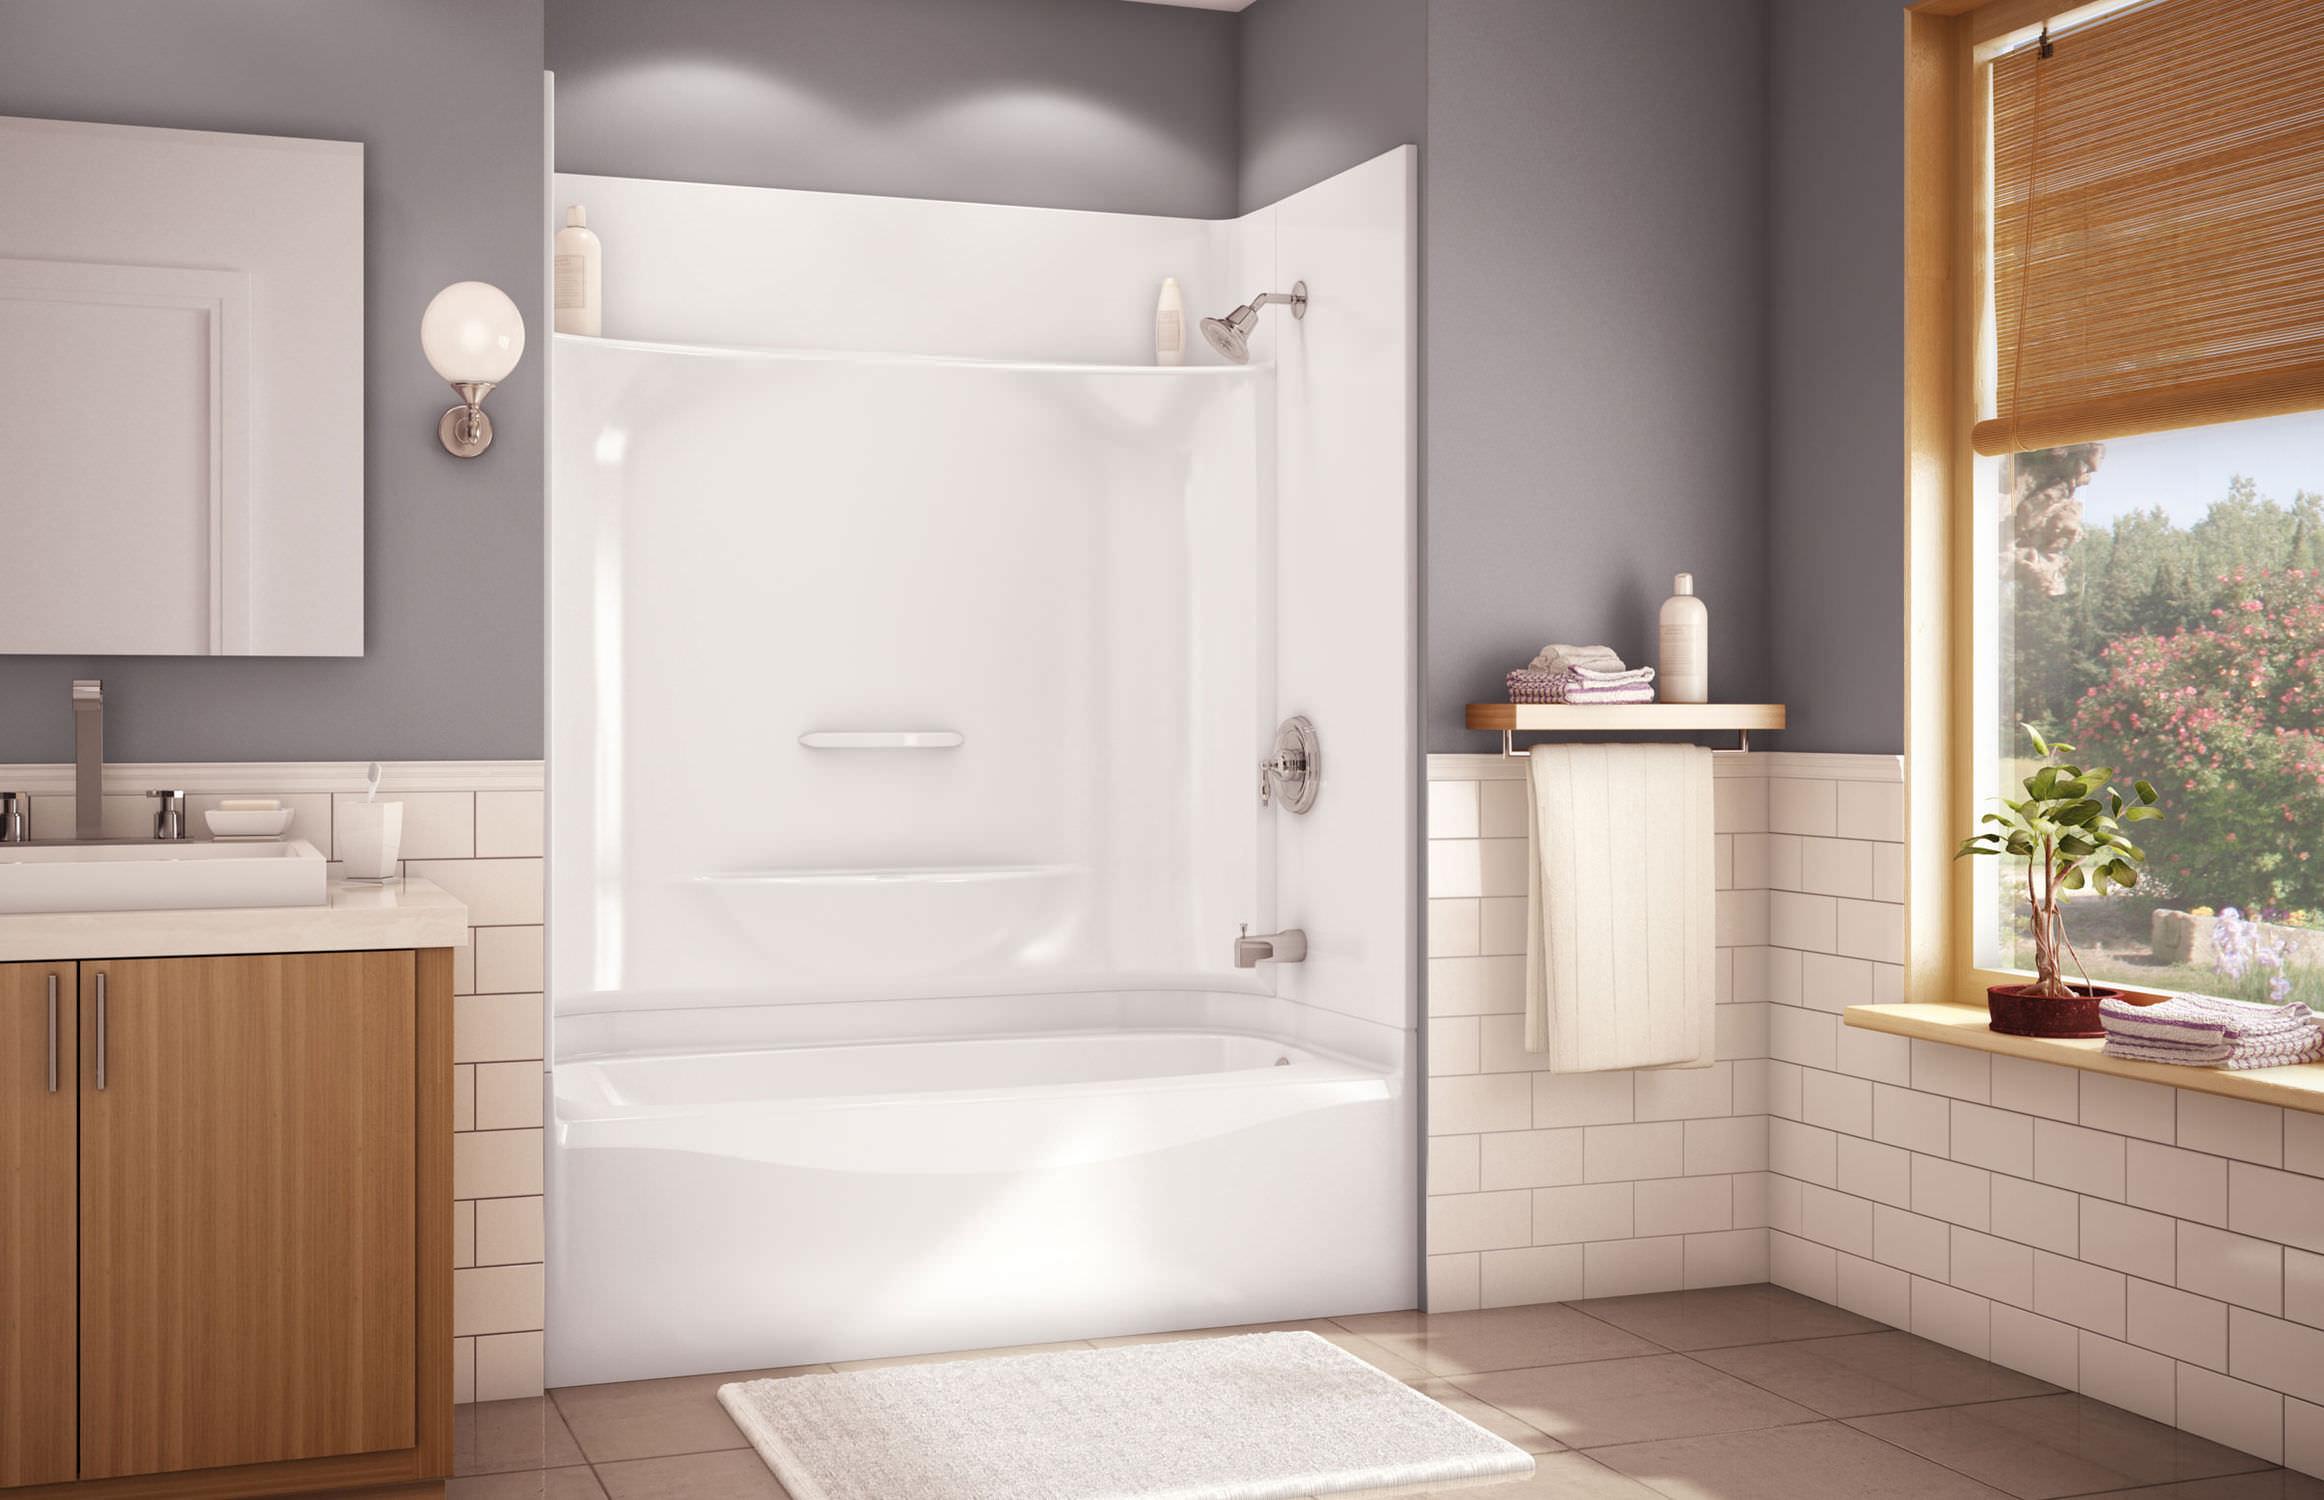 Vasca Da Bagno Rettangolare : Vasca da bagno rettangolare in acrilico con idromassaggio samana